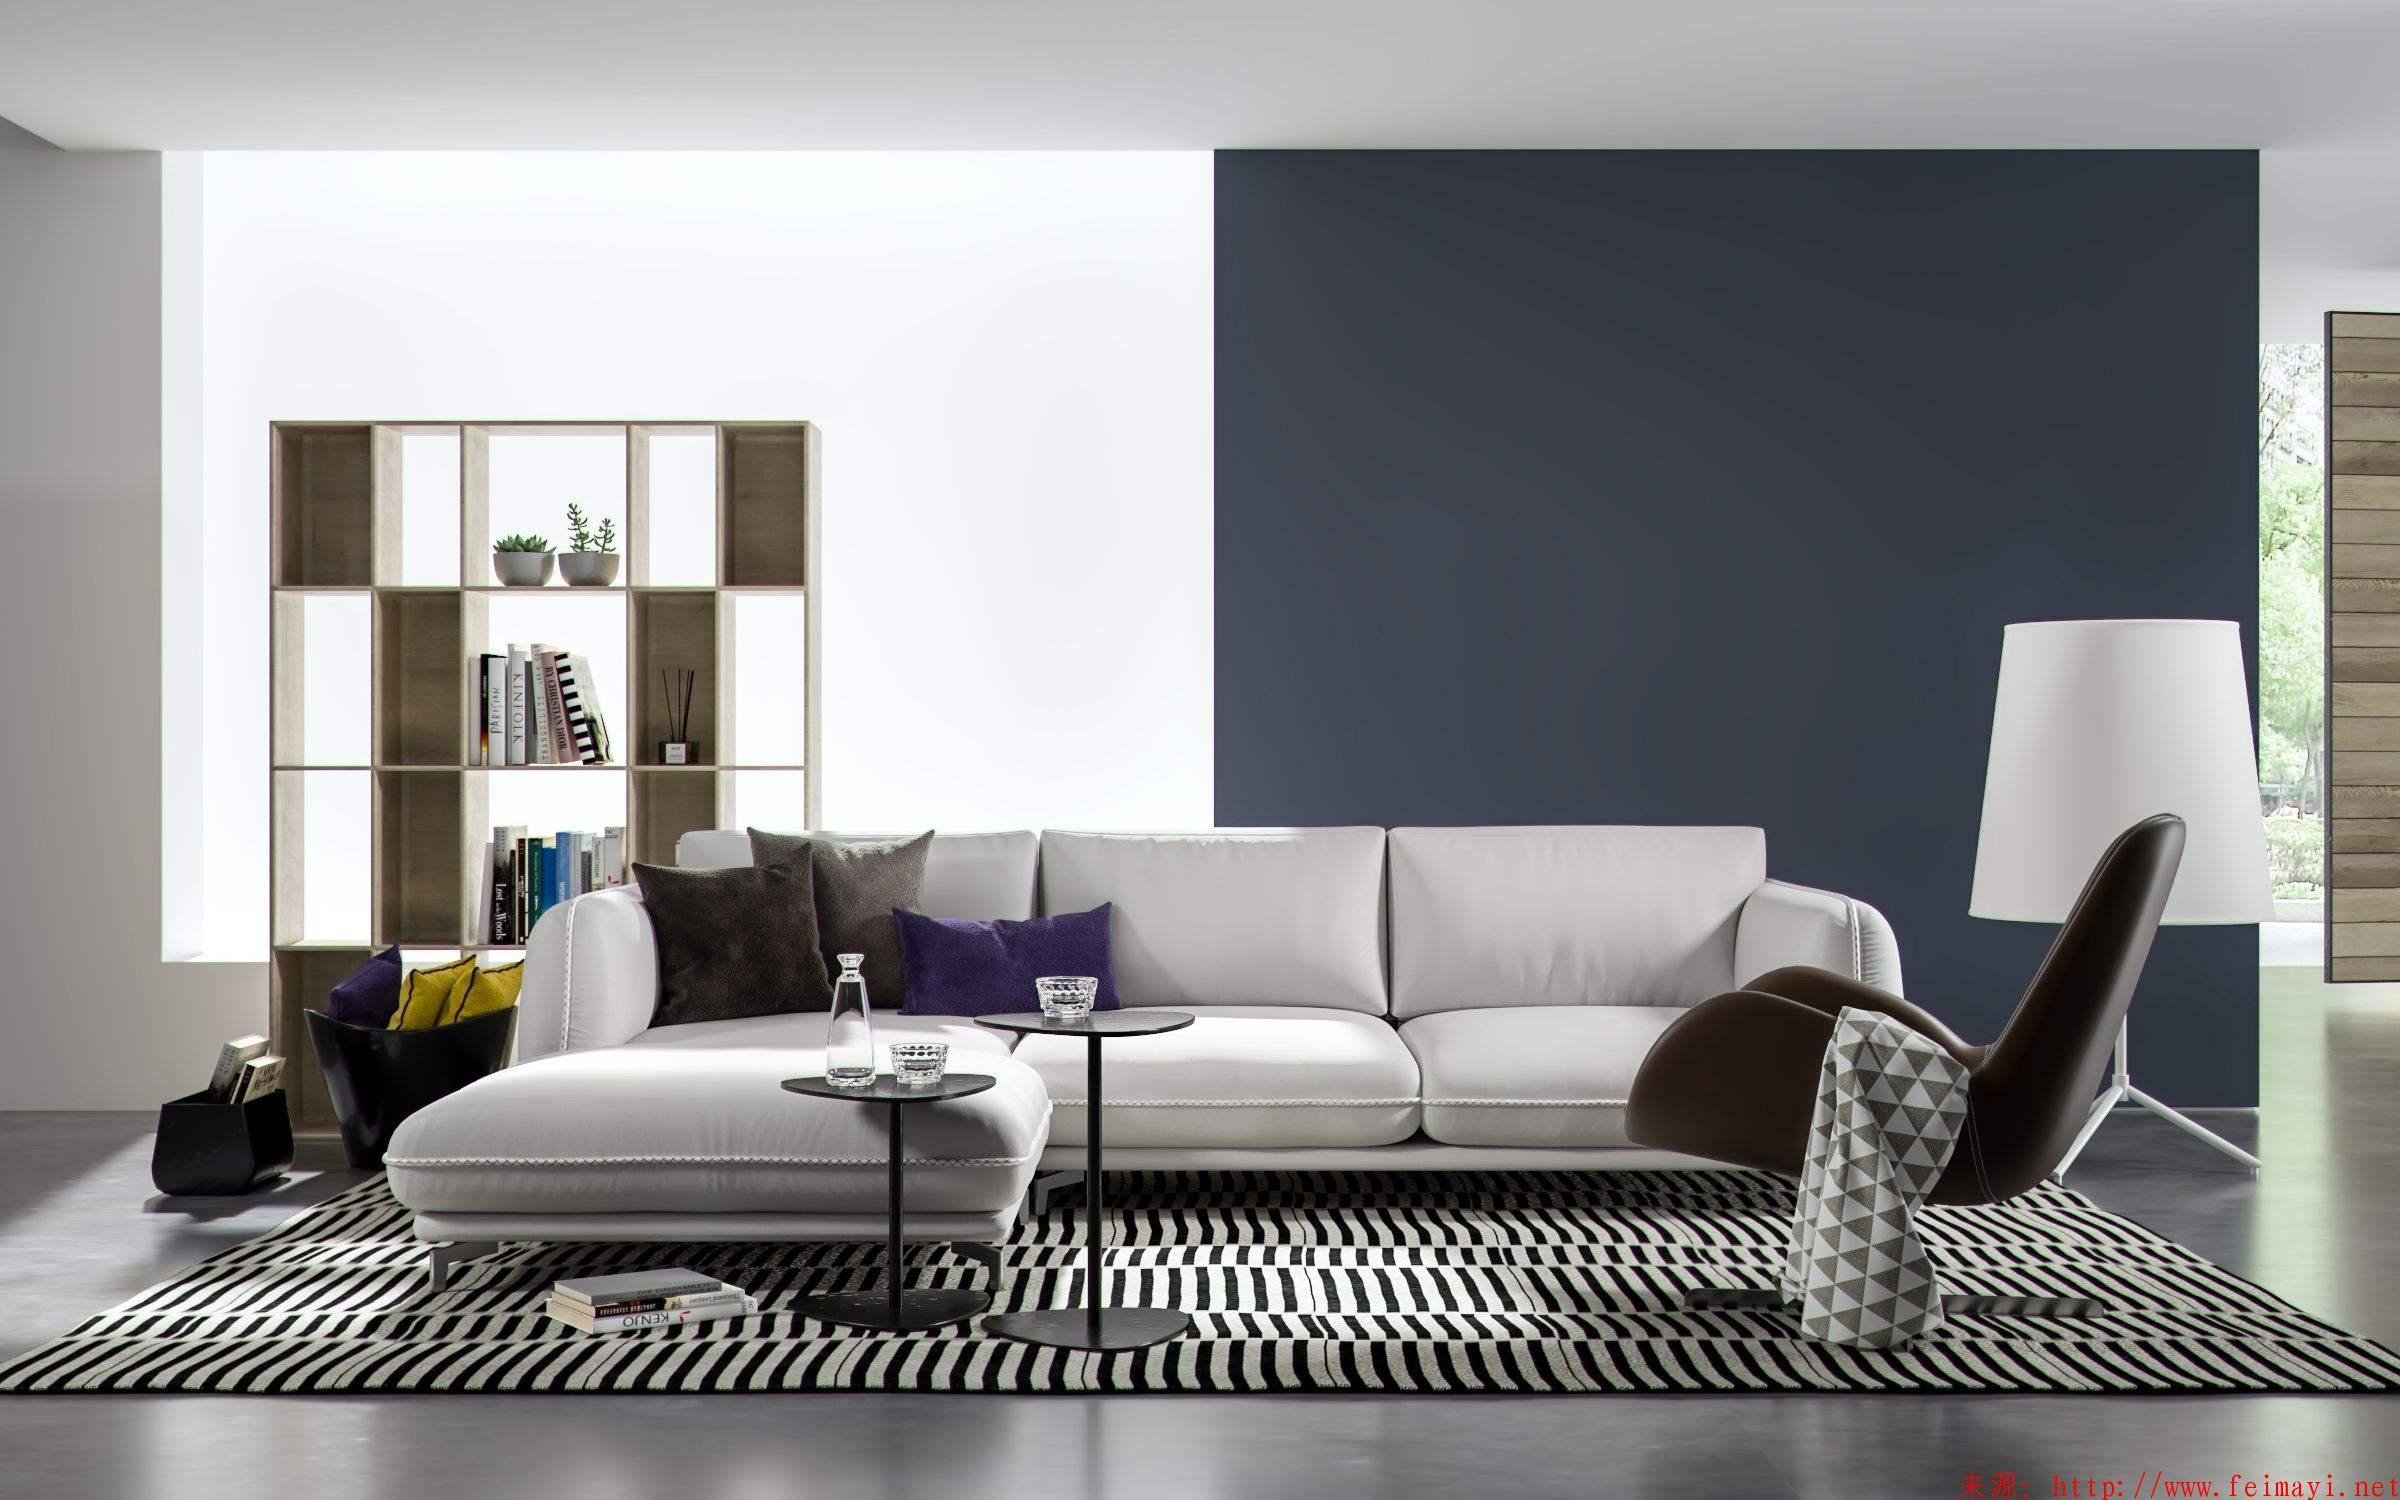 推荐-3dmax建模教程大师建模高精度欧式沙发建模